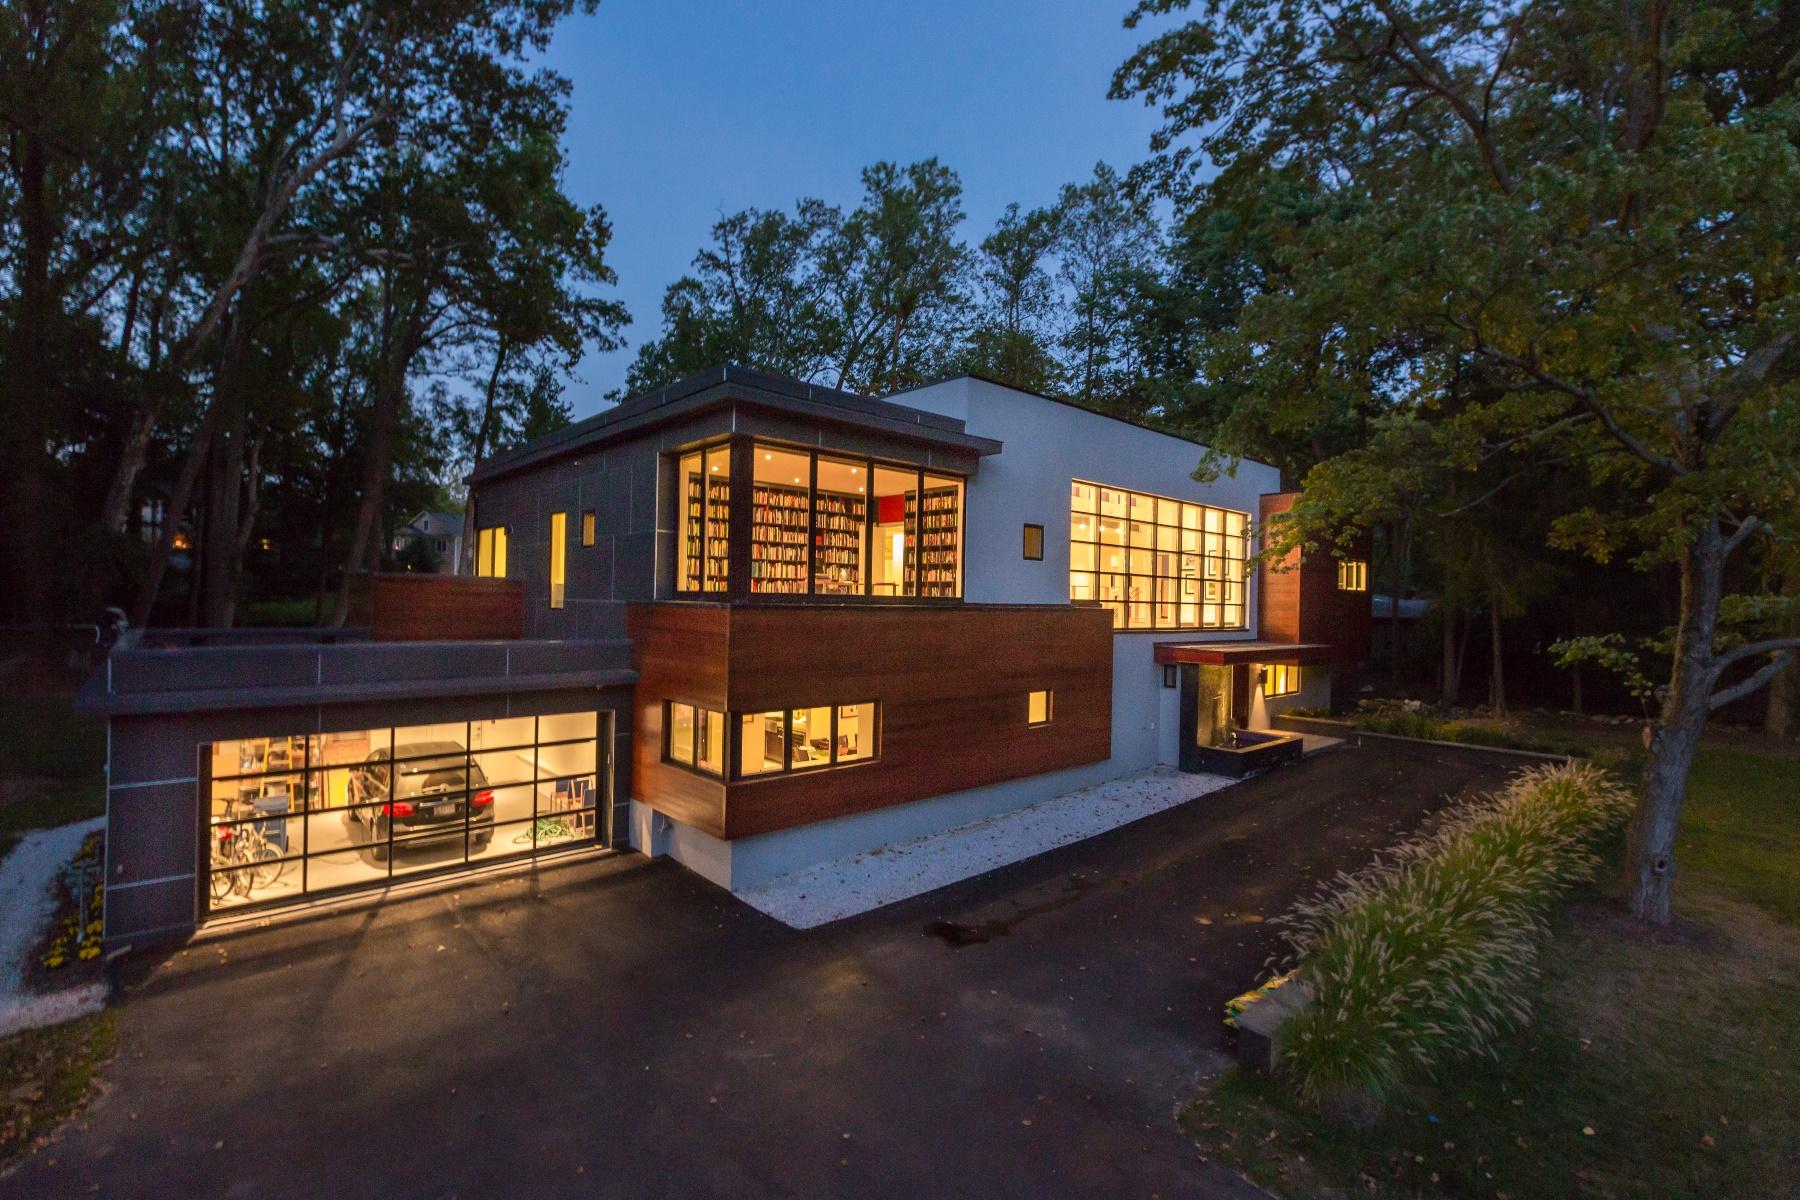 Casa Unifamiliar por un Venta en 6309 Bradley Boulevard, Bethesda 6309 Bradley Blvd Bethesda, Maryland 20817 Estados Unidos